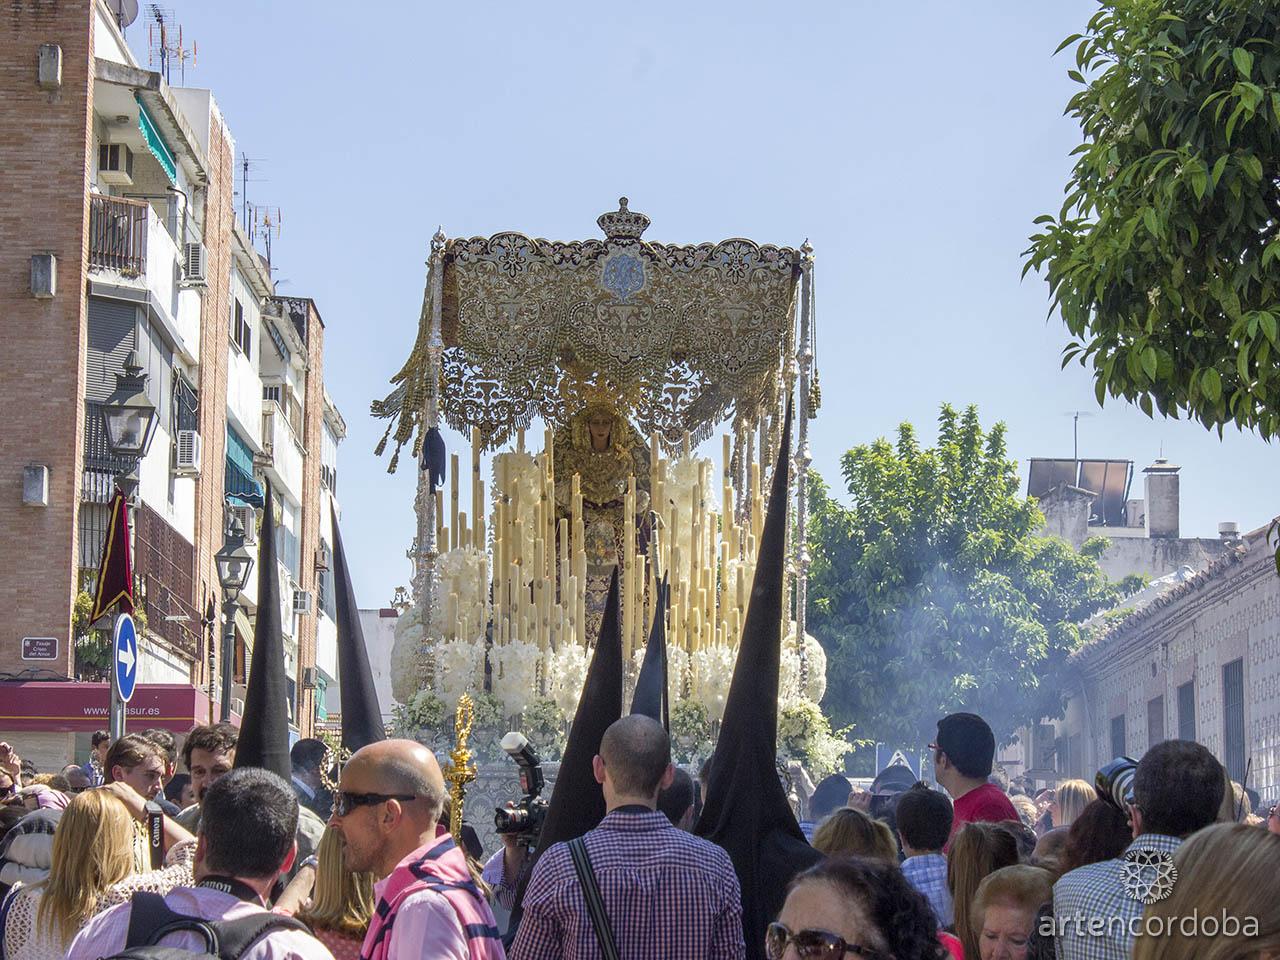 María Santísima de la Encarnación - Hermandad del Amor en Córdoba